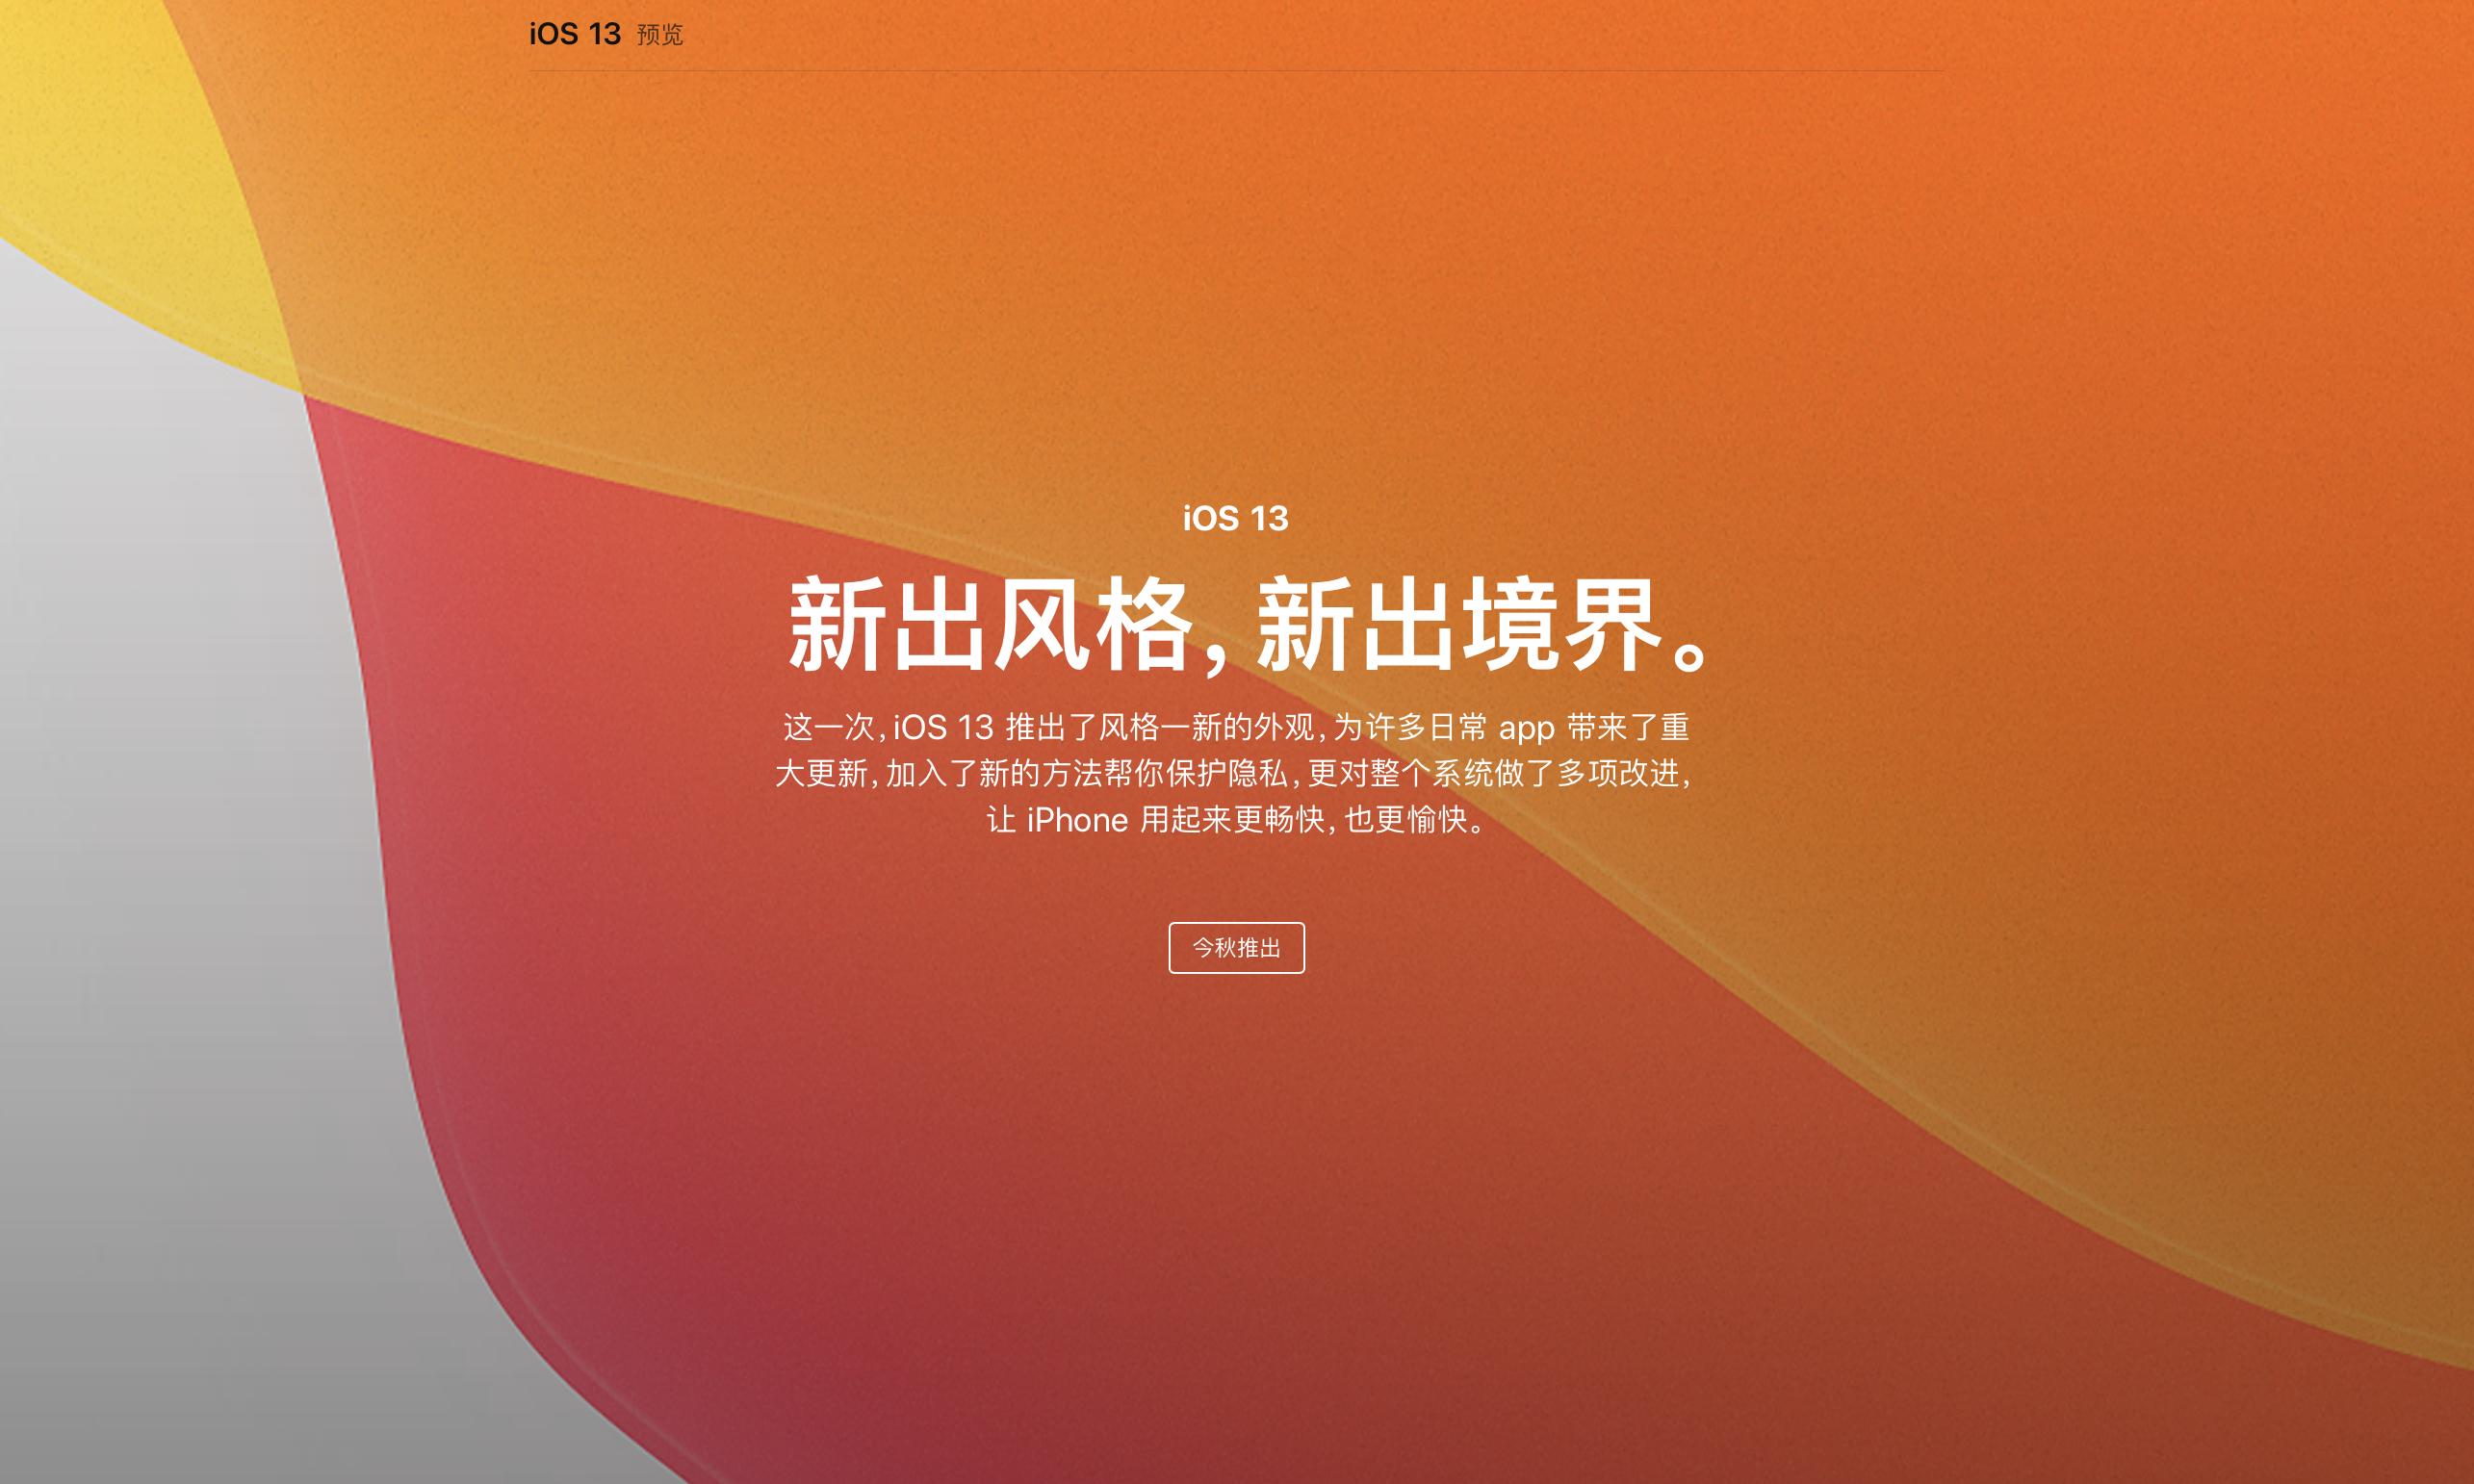 你现在可以到苹果中国官网完整了解 iOS 13、iPad OS 系统新功能